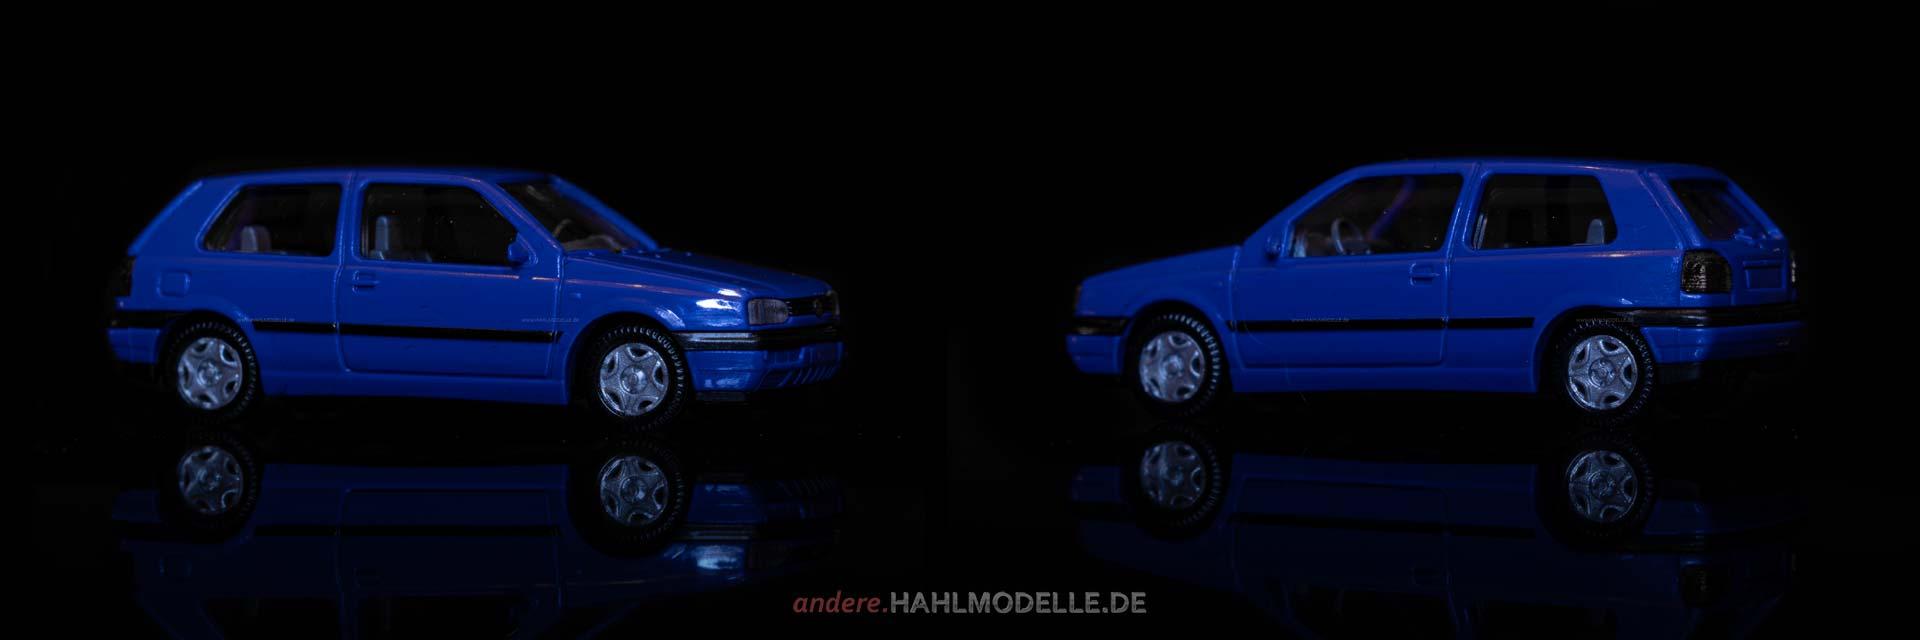 Volkswagen Golf III | Limousine (Typ H) | Wiking | 1:87 | www.andere.hahlmodelle.de